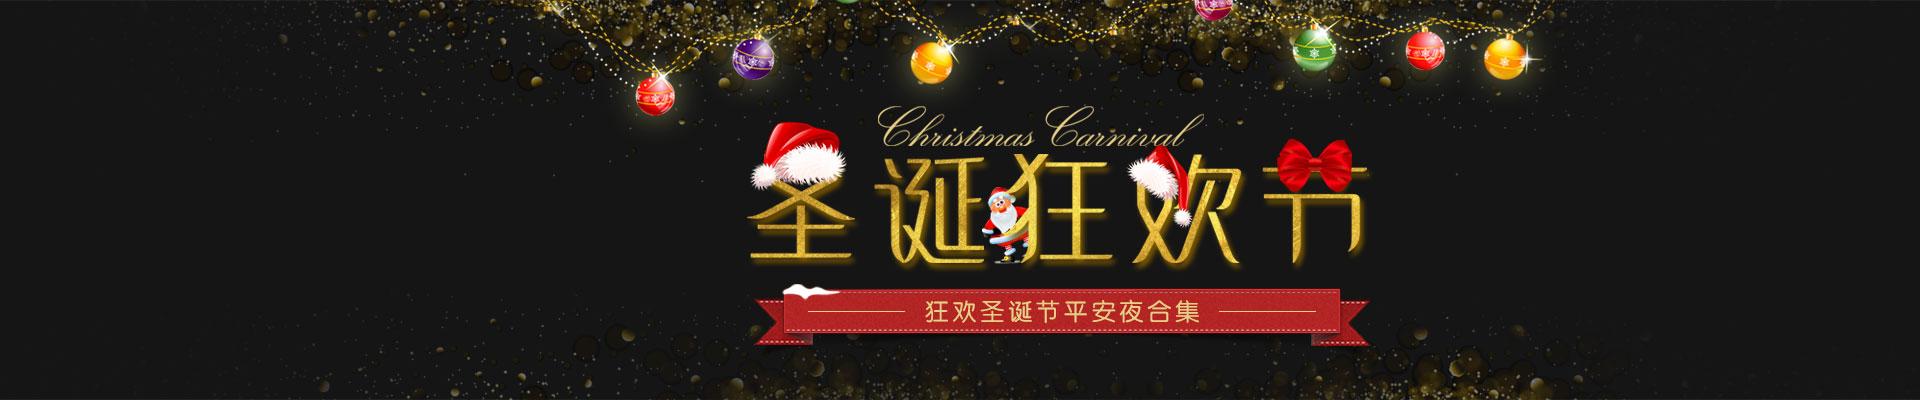 狂欢圣诞平安夜素材合集